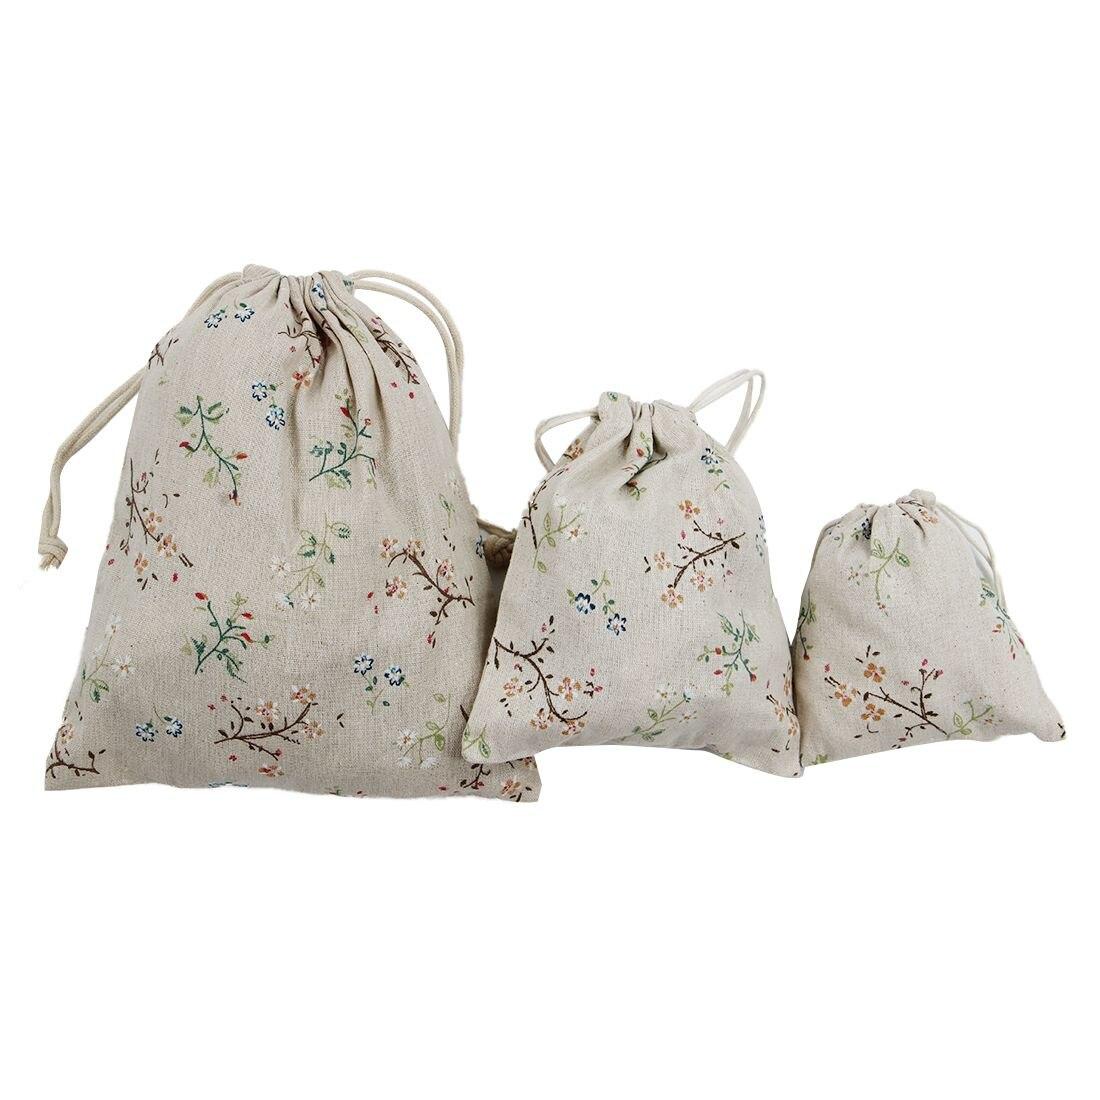 3 шт. мода складной расслоение рот подарок мешок Ян веточку с цветами 1 #